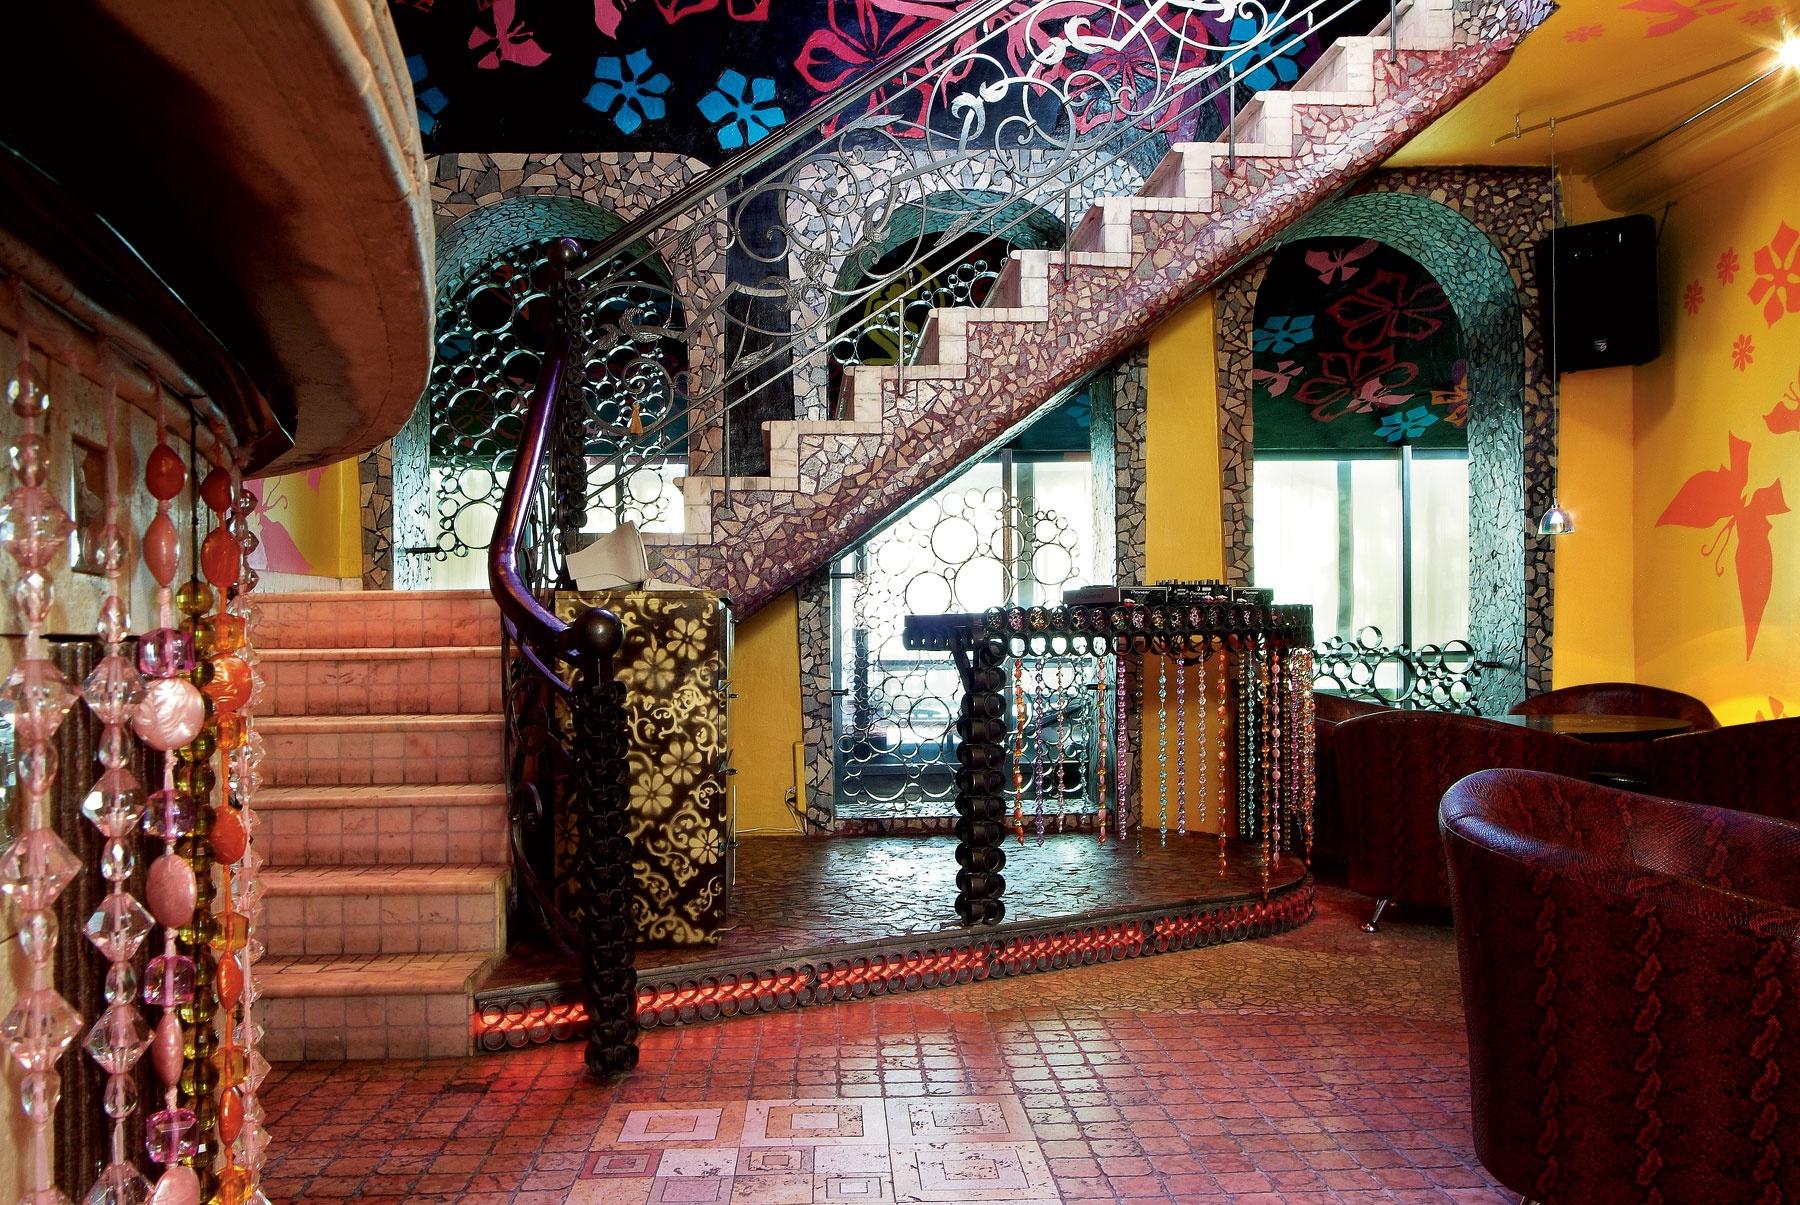 Яркий интерьер с лестницей в стиле фьюжн